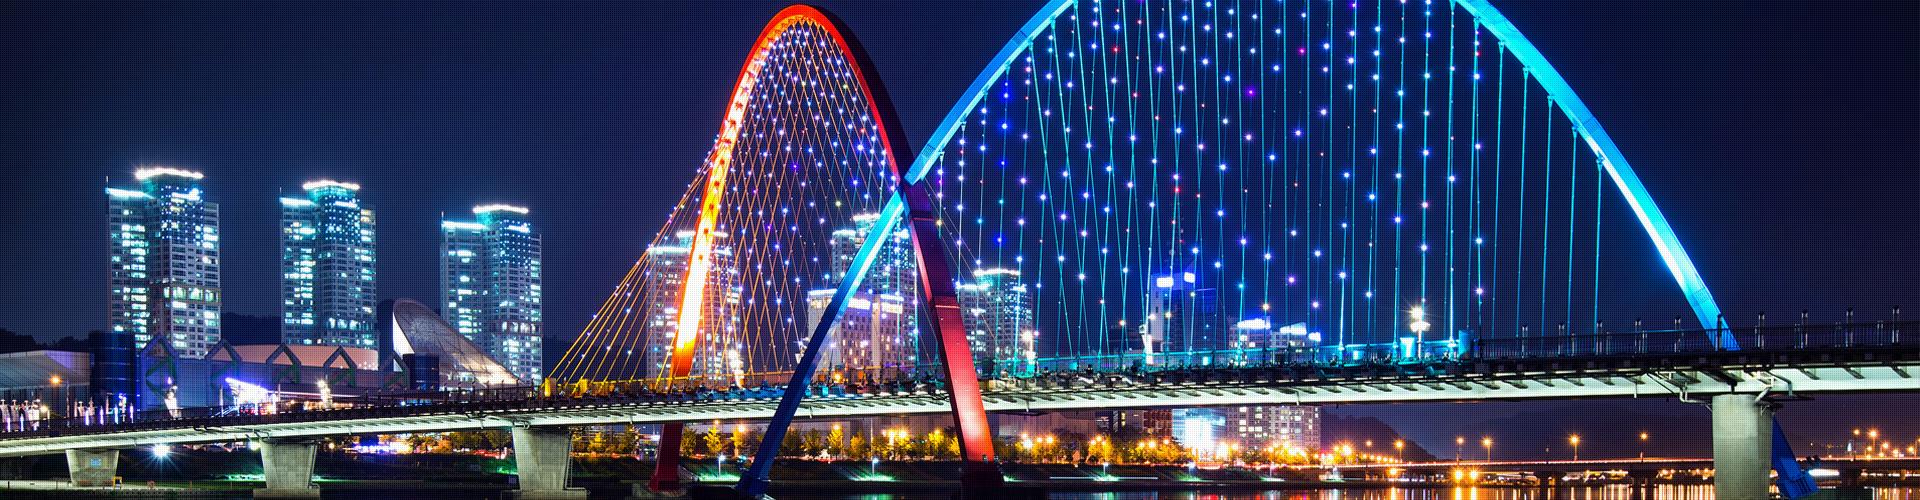 構筑物和特殊景觀元素在照明設計中應符合哪些要求